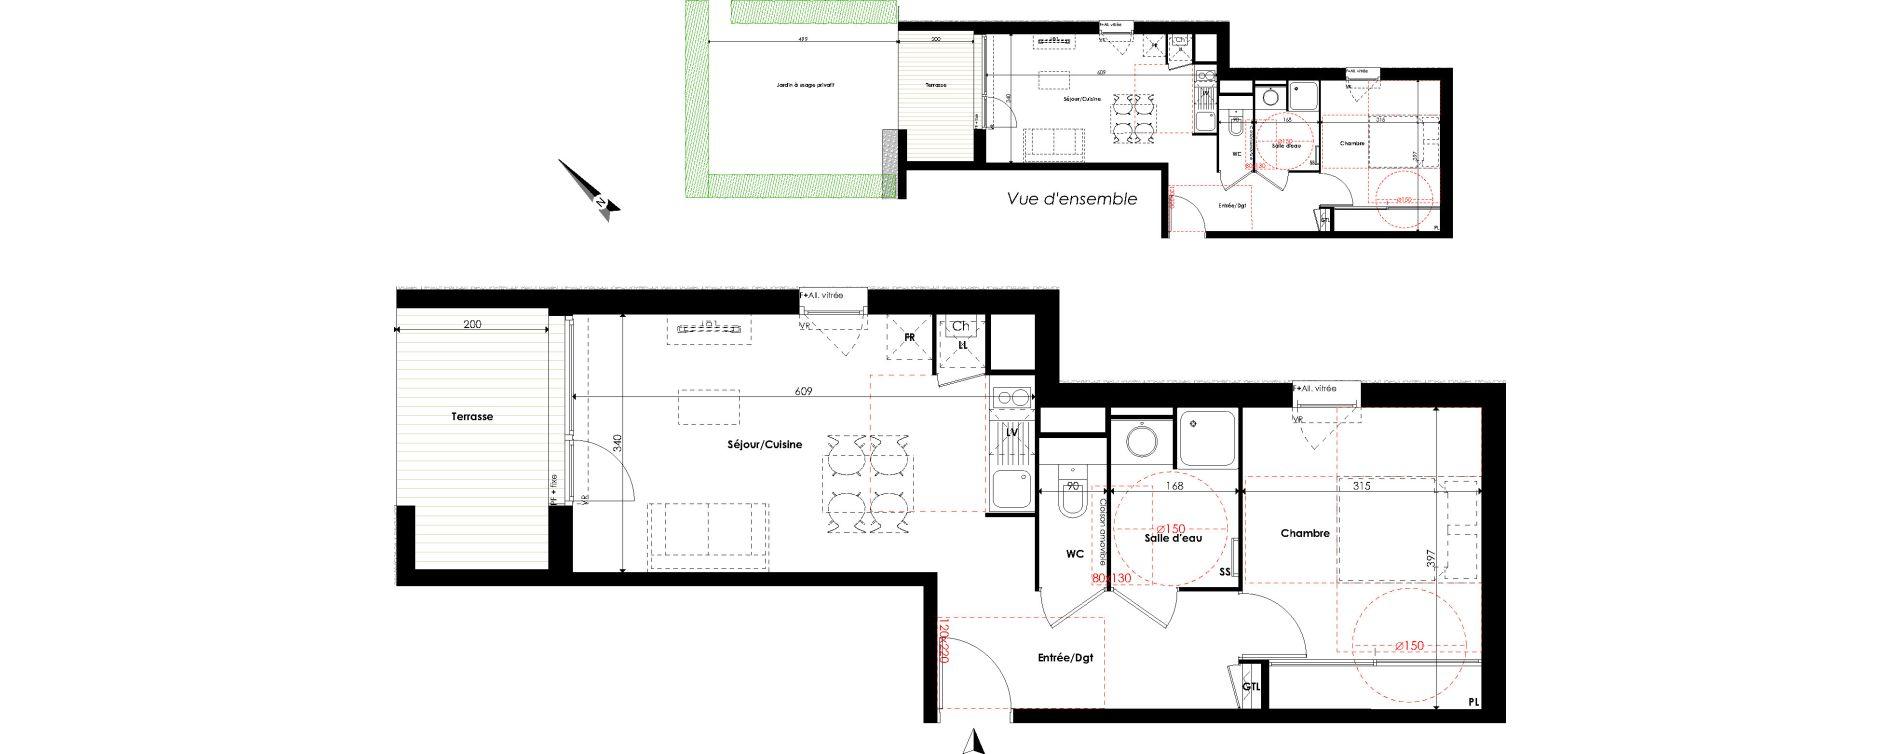 Appartement T2 de 44,44 m2 à Escalquens Centre